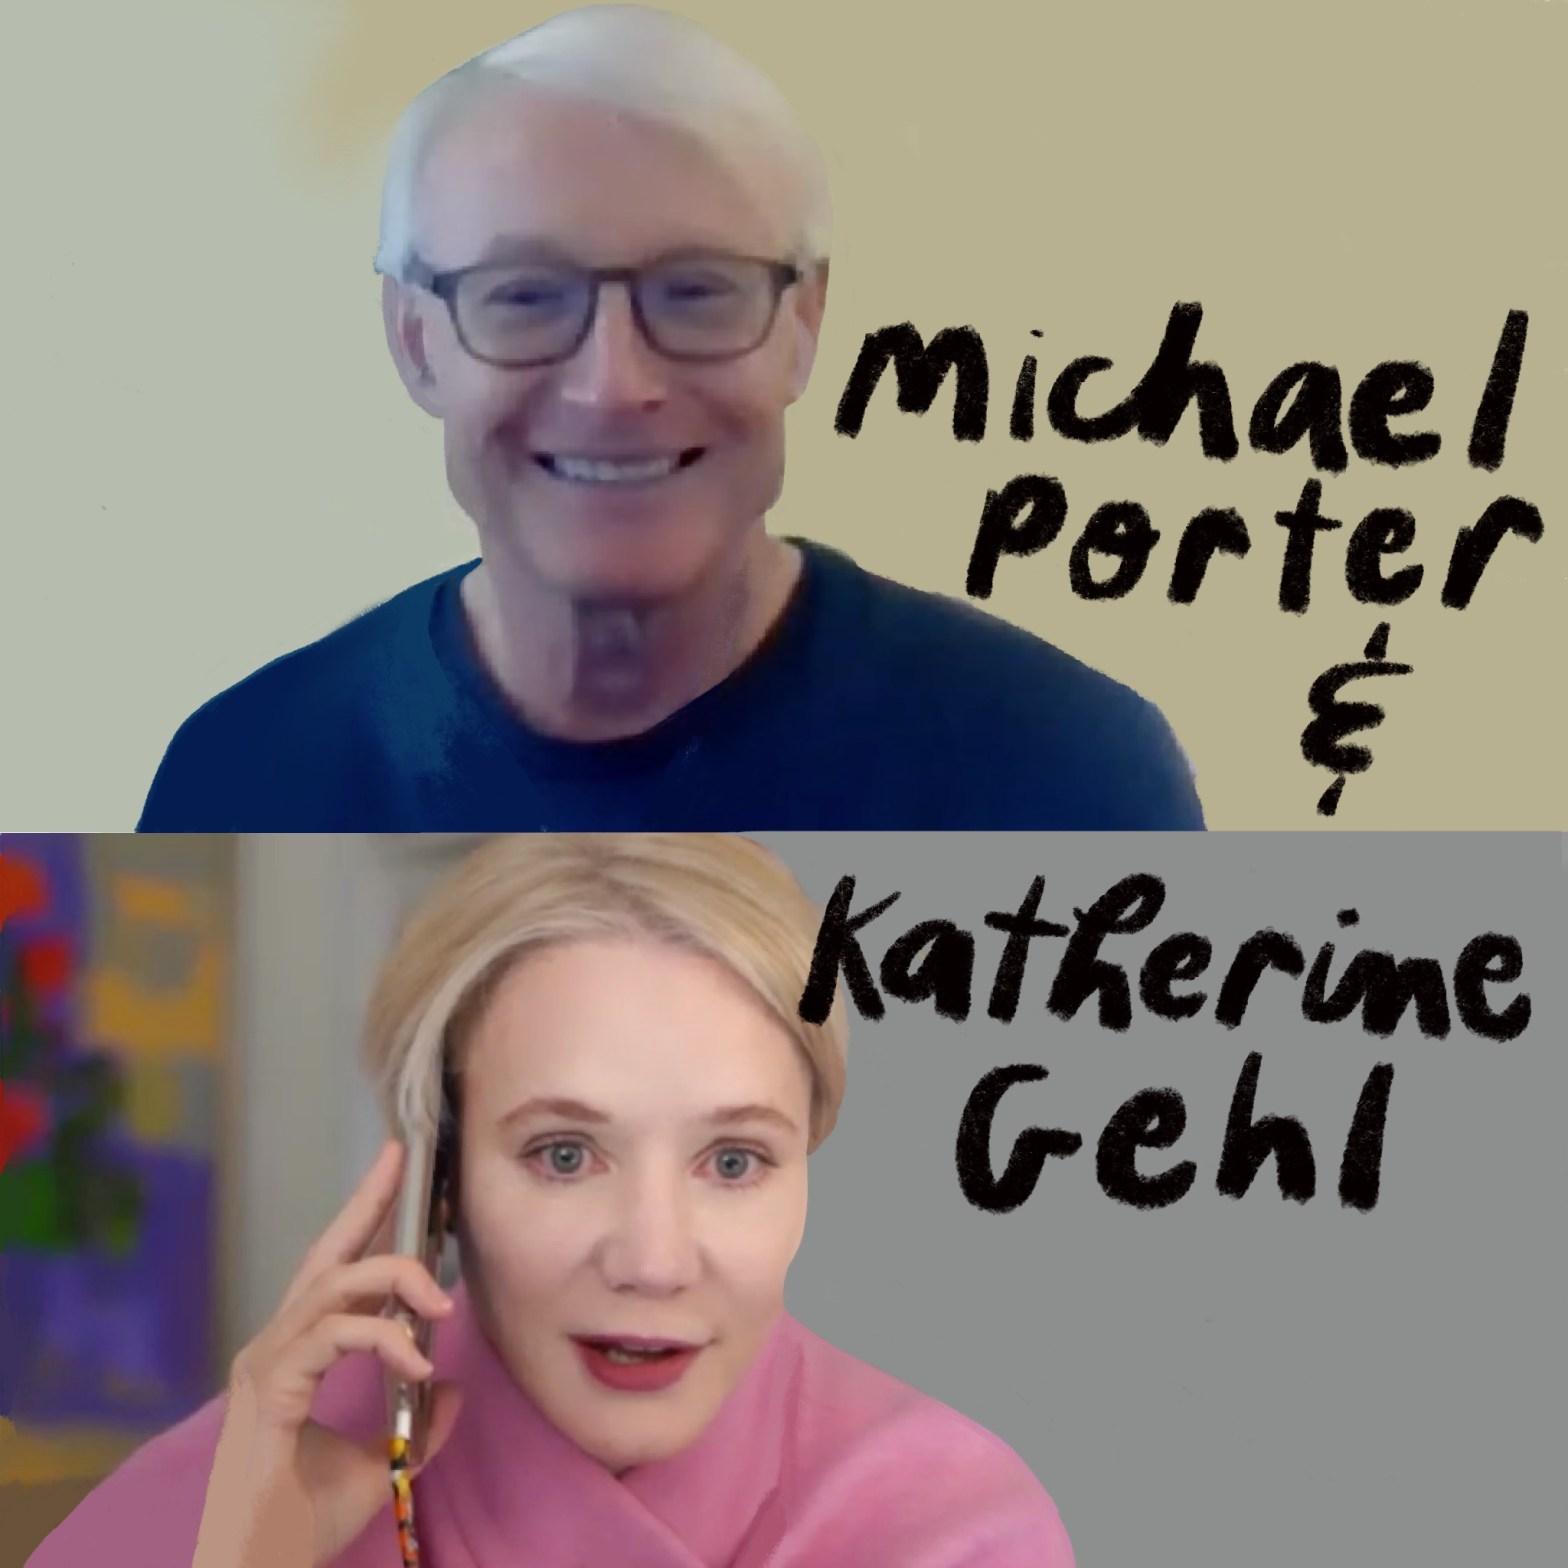 Thumbnail for Michael Porter & Katherine Gehl